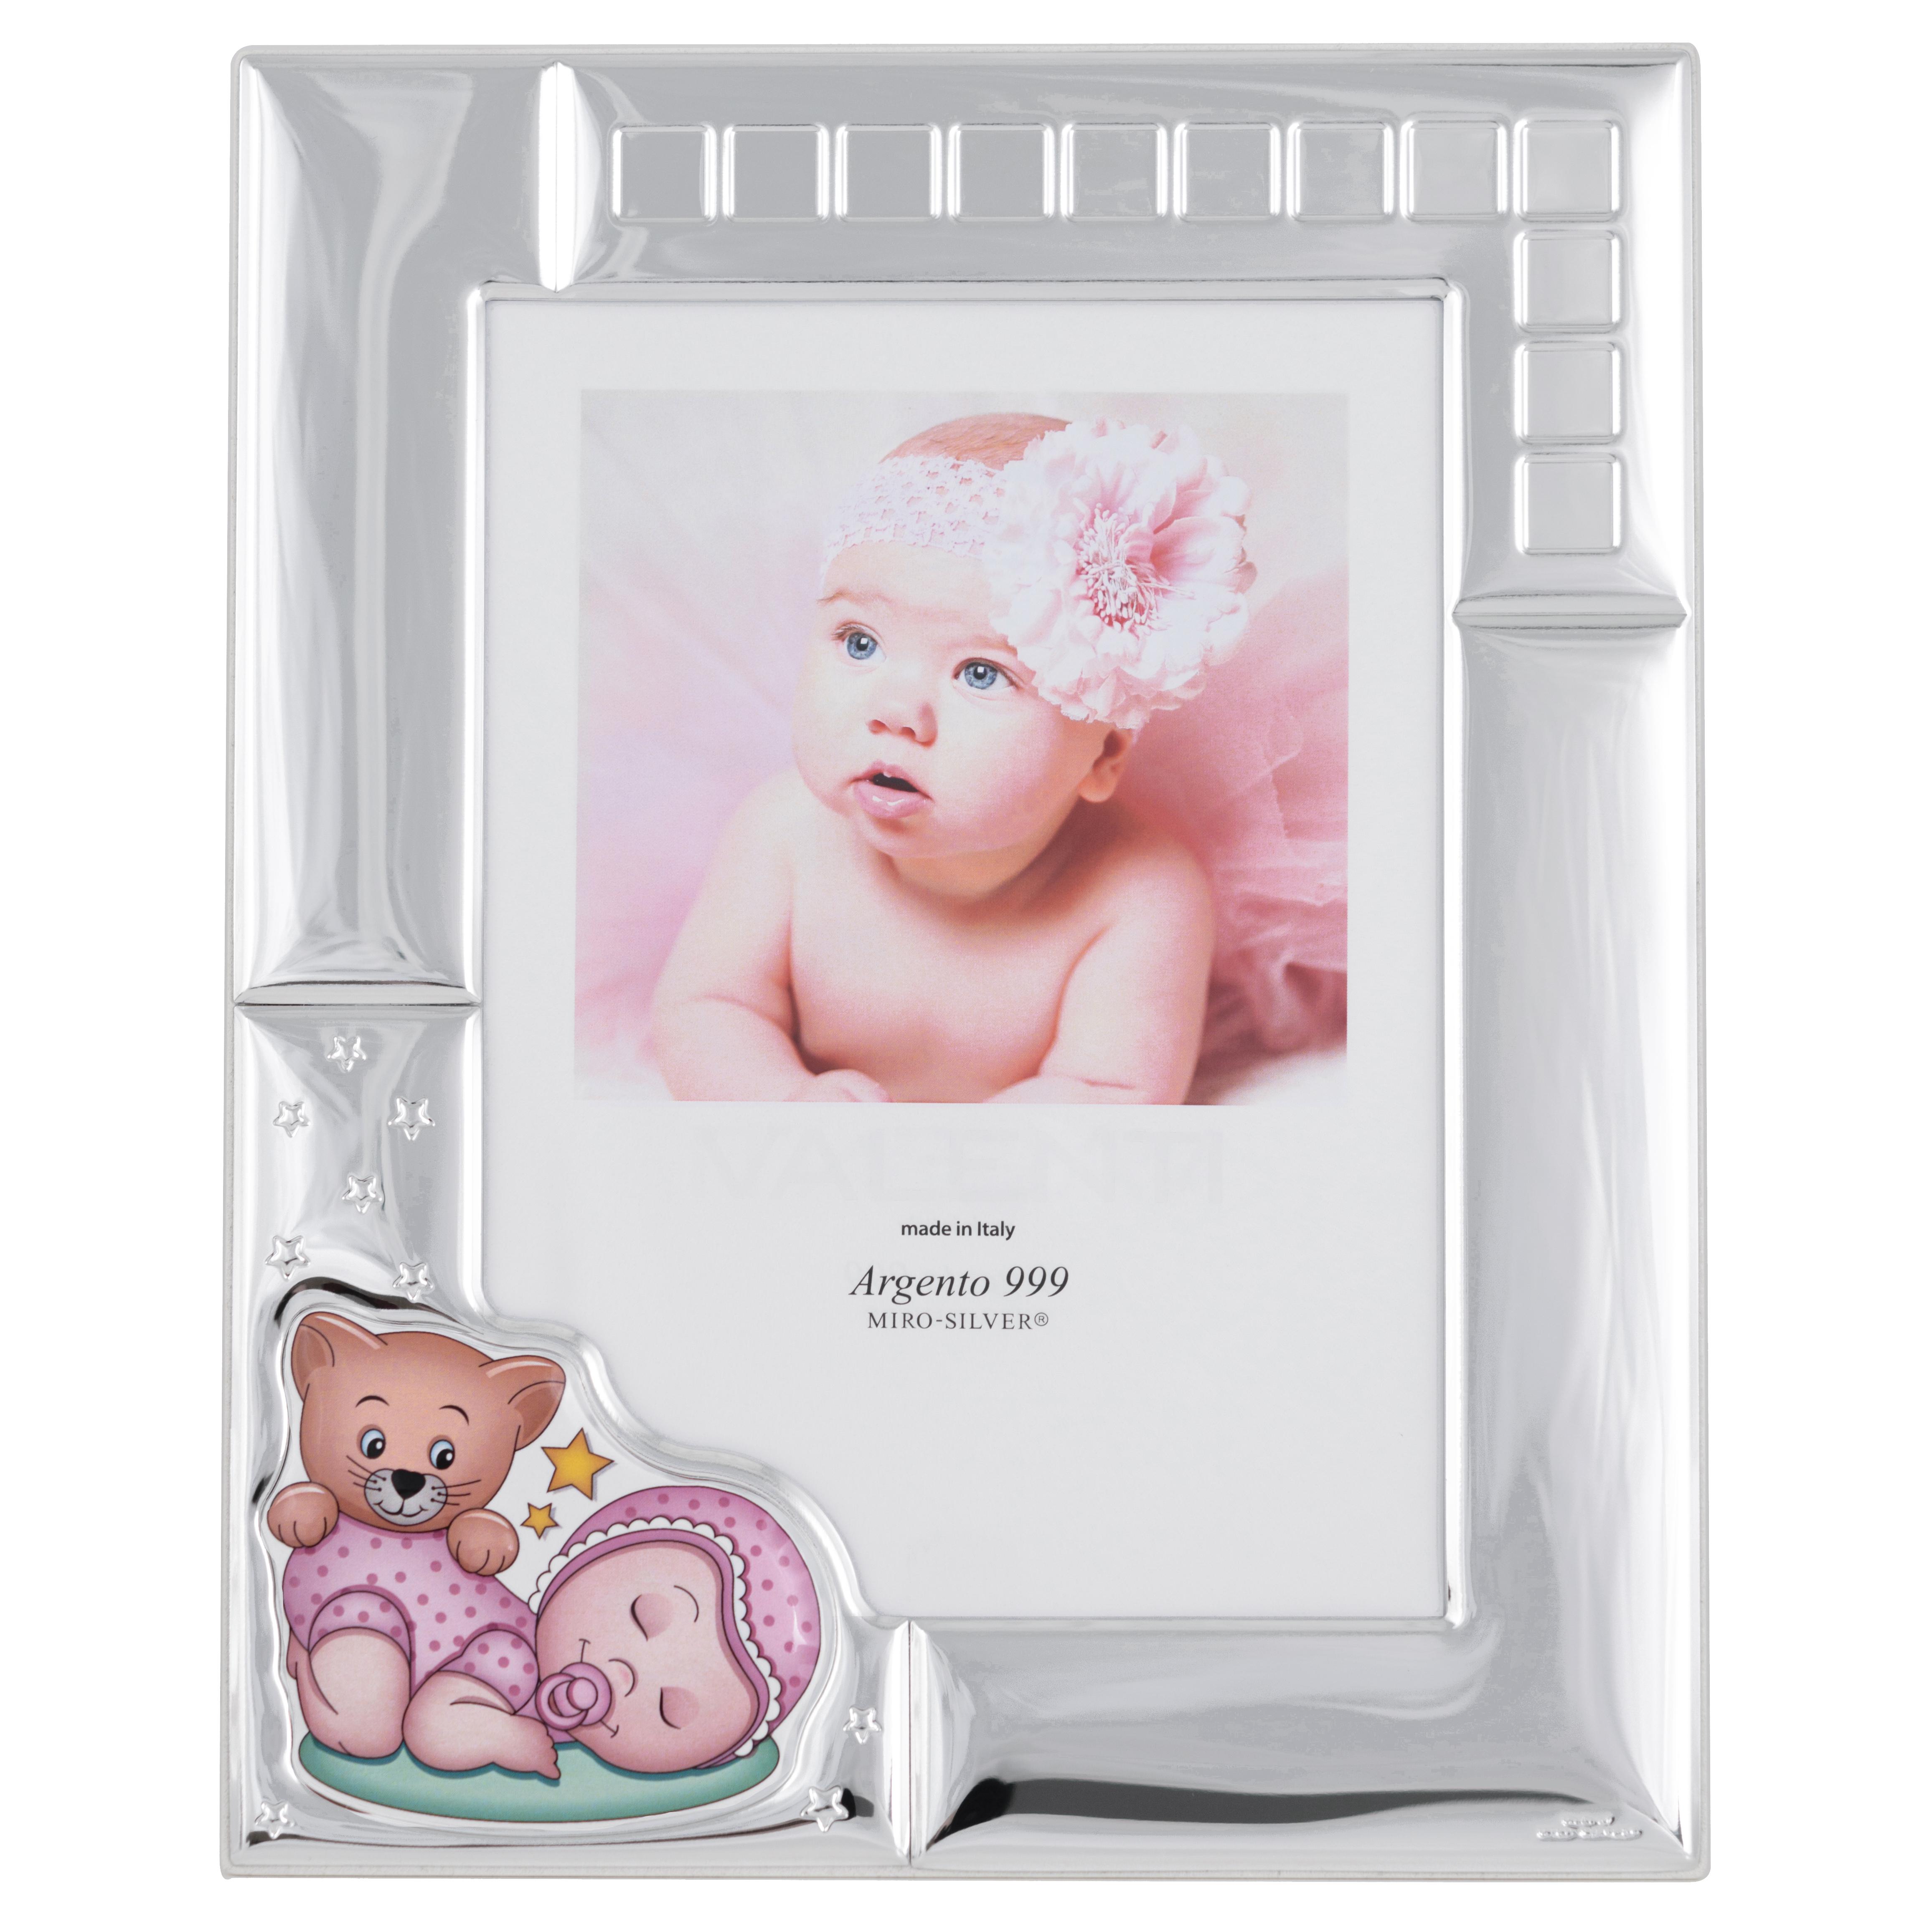 Фоторамка срібна ``Sleeping baby`` рожева (13x18см)  73124 4LRA